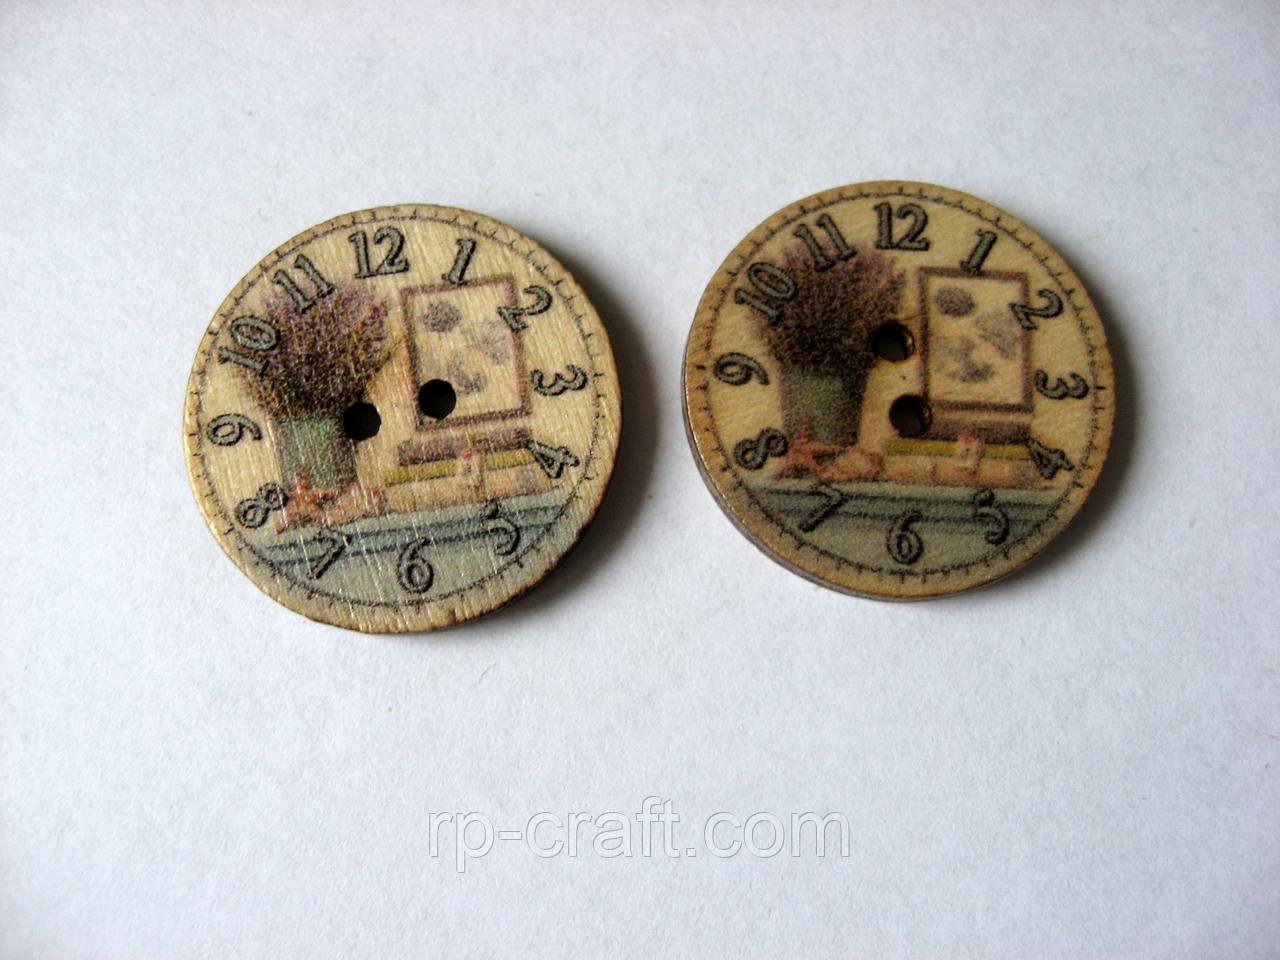 Гудзик дерев'яний, декоративний. Годинник з натюрмортом, 25 мм